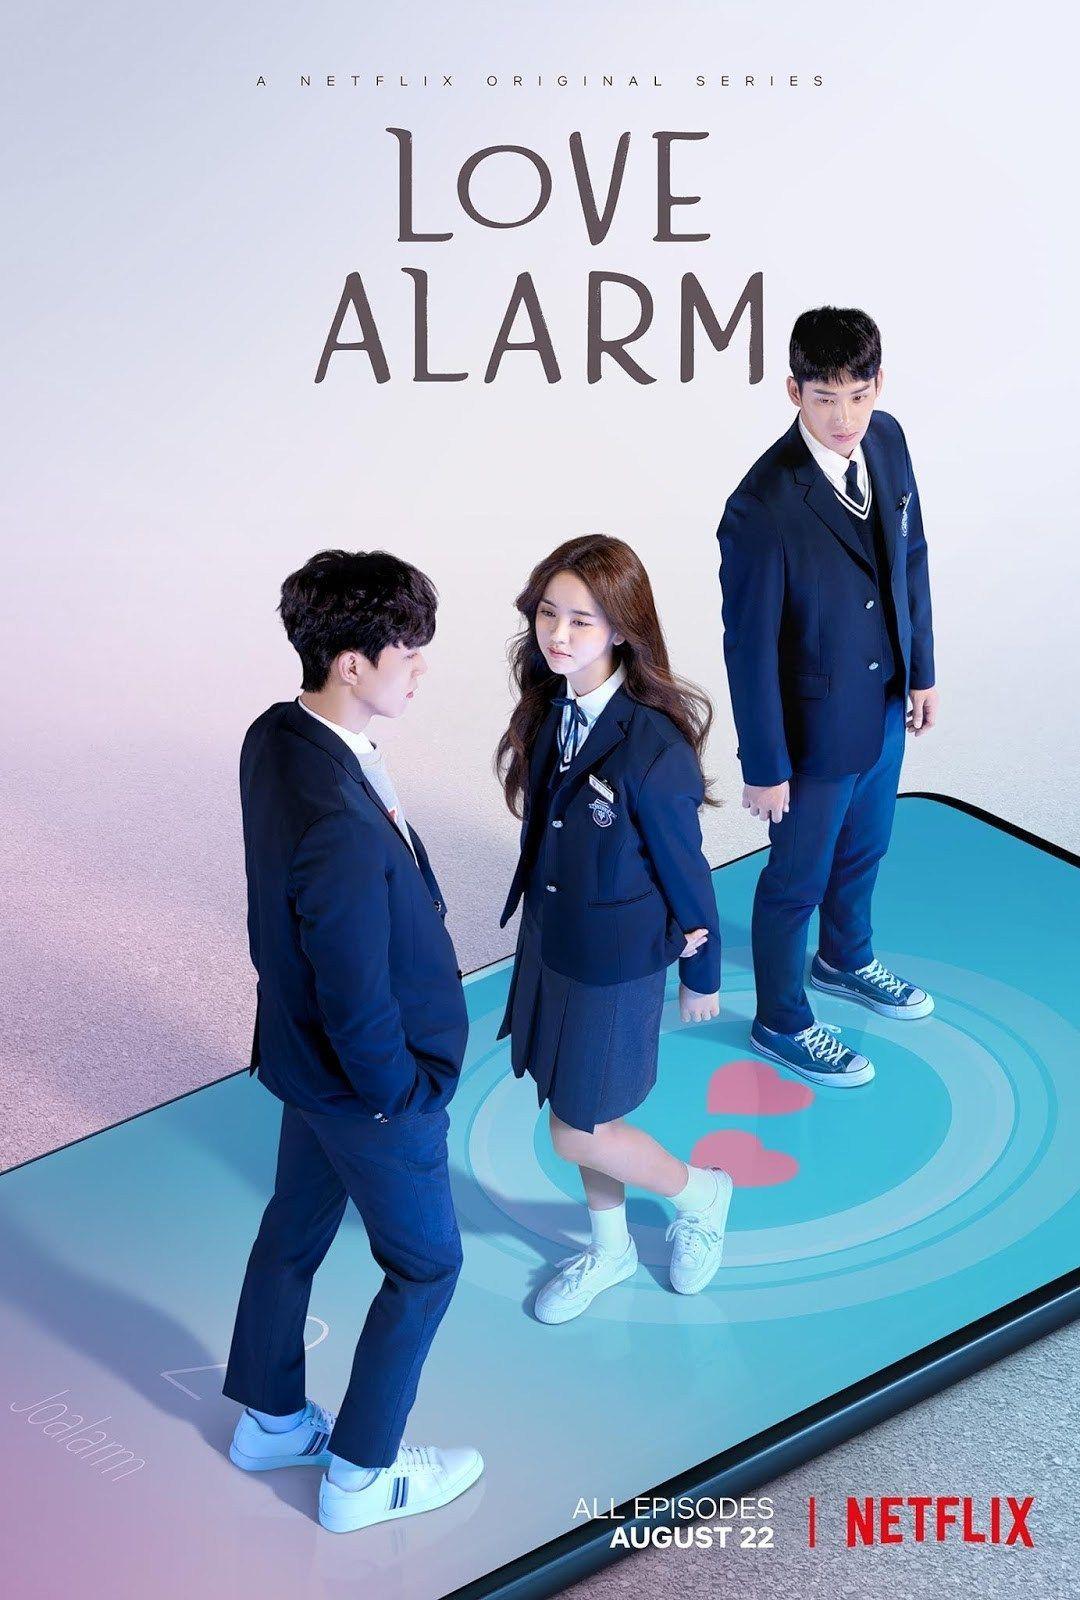 Love Alarm: La nueva producción de Netflix y la app de amor